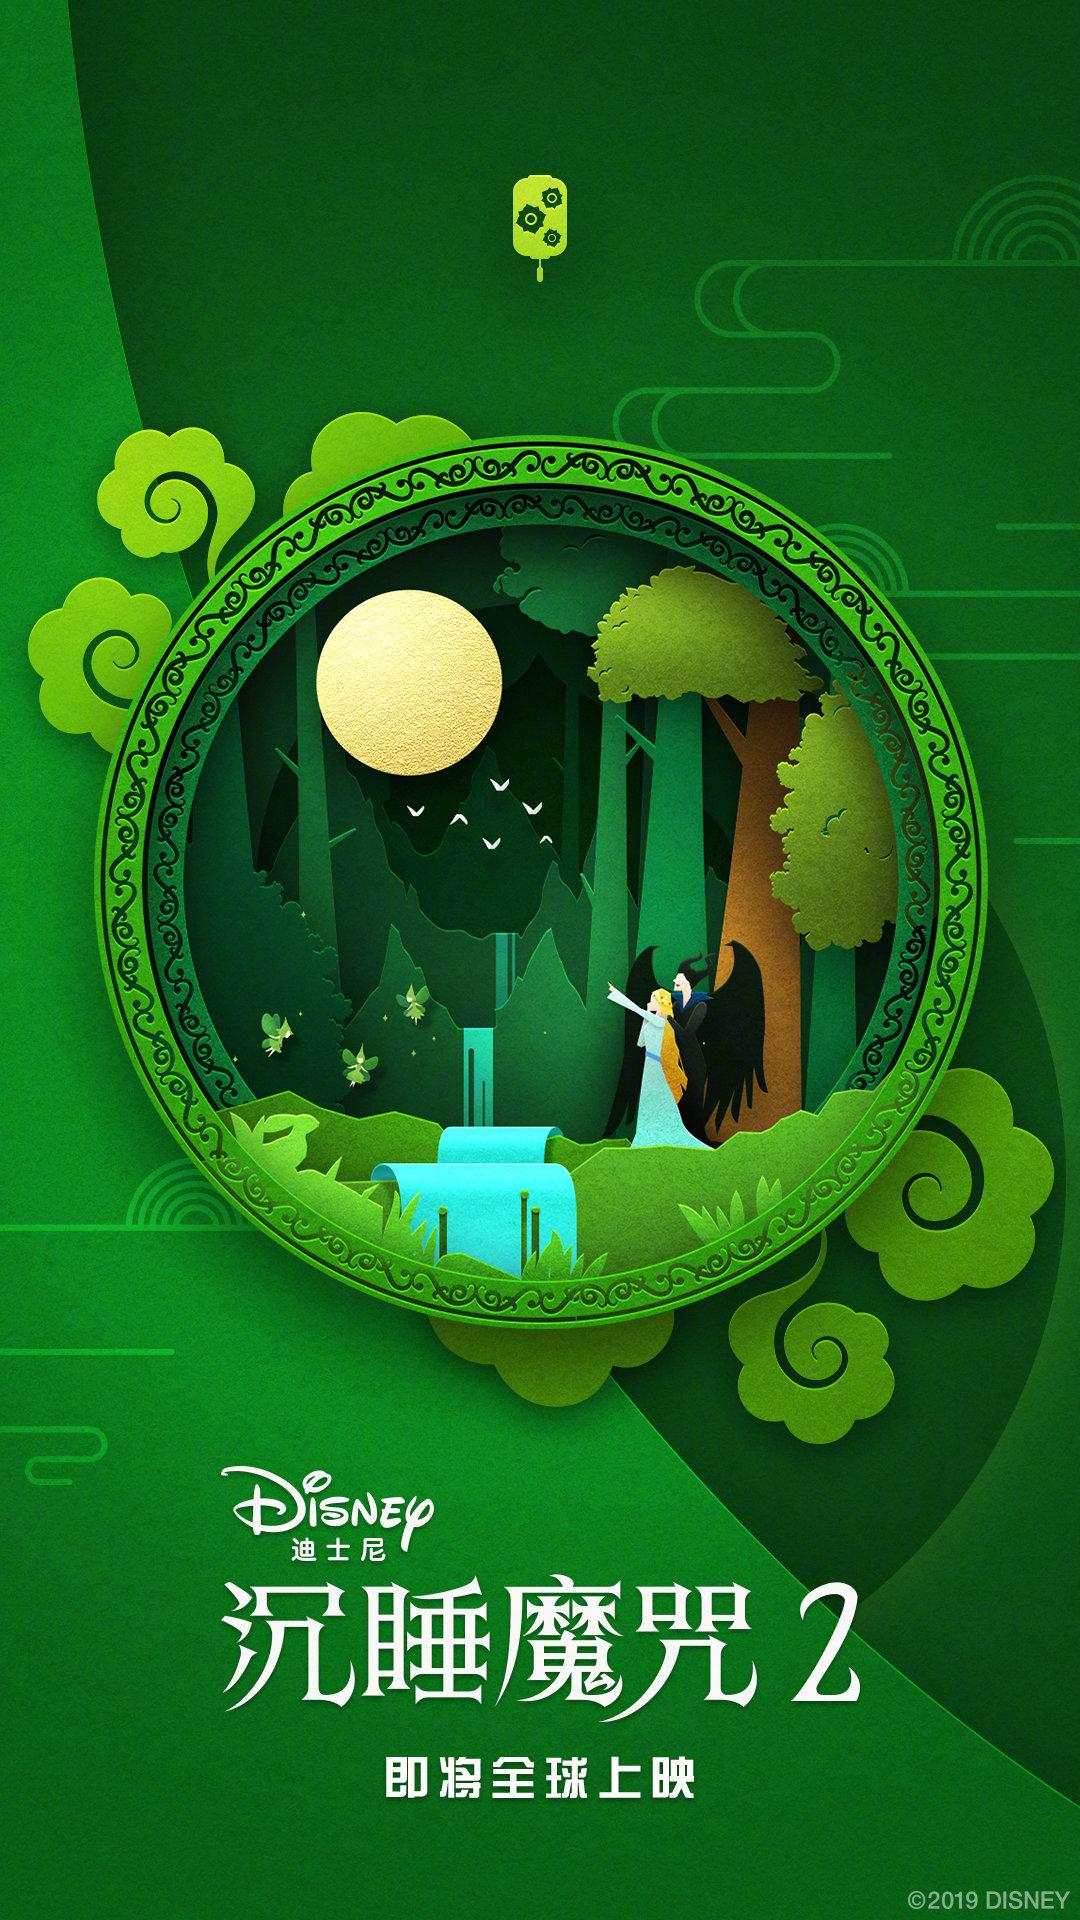 迪士尼发布五款新片中秋节特别海报